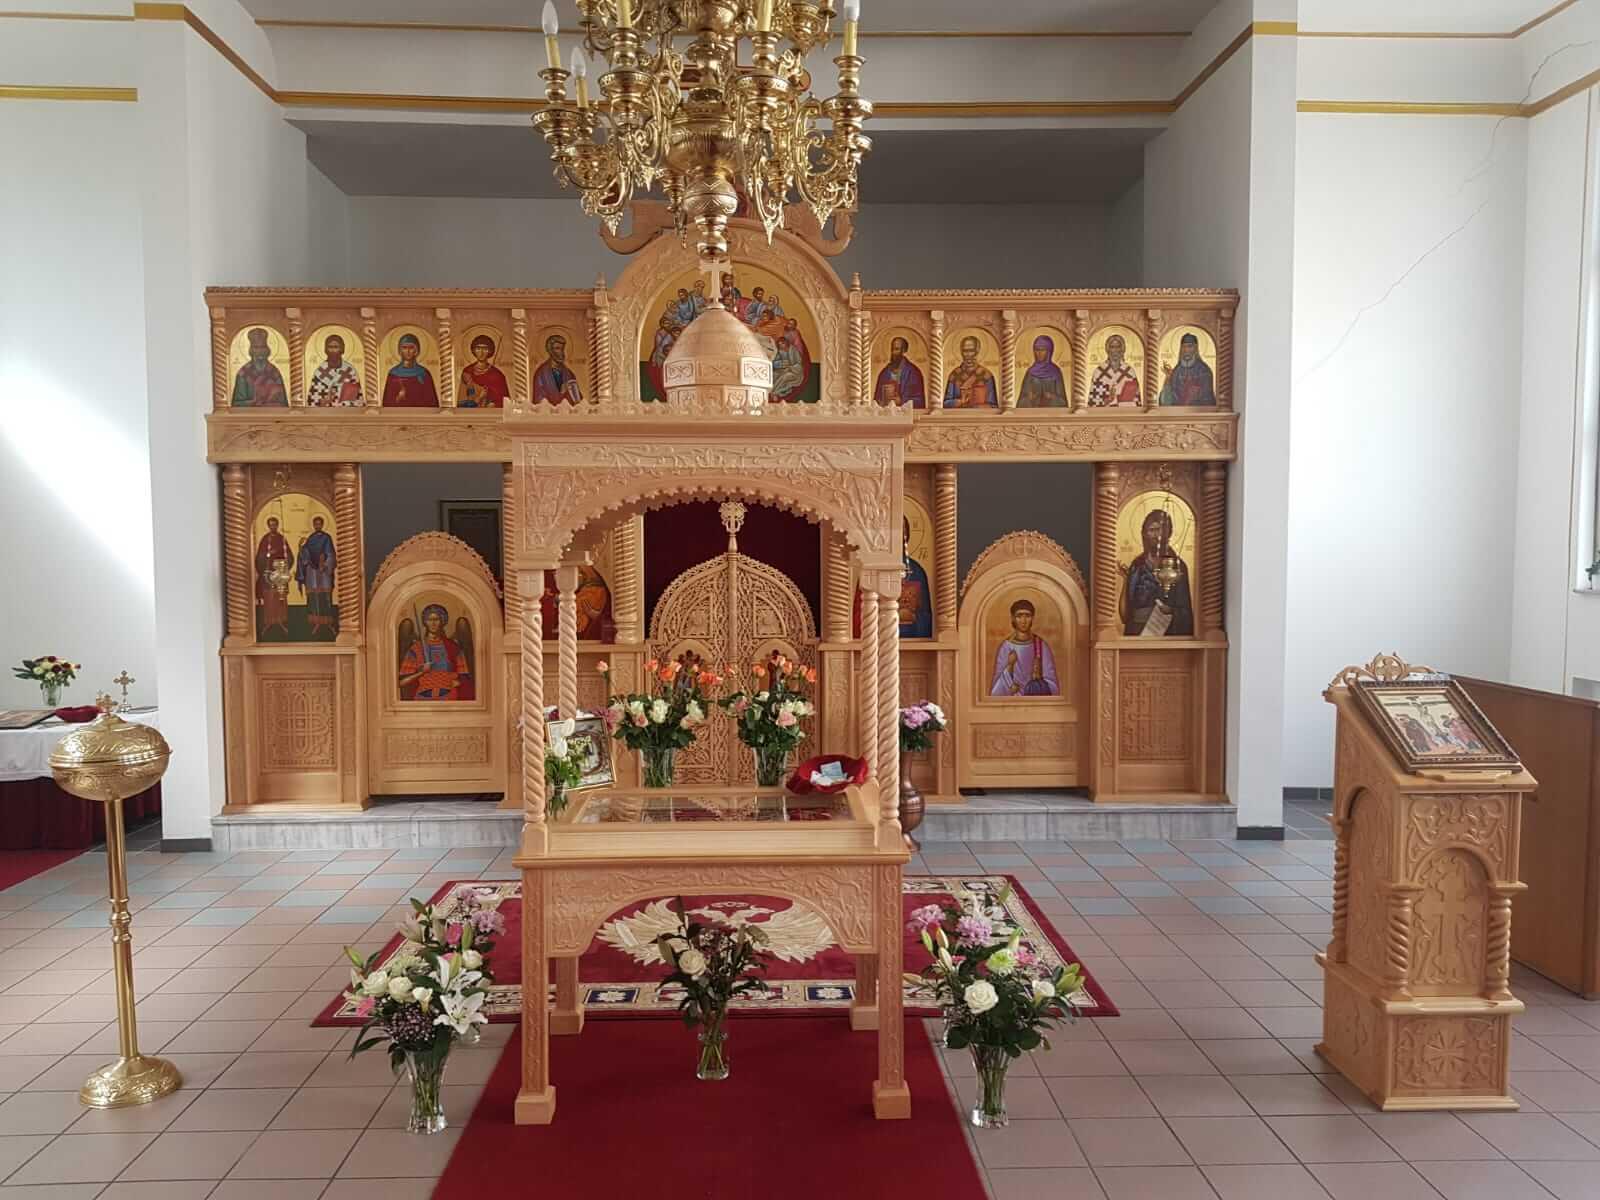 Crkva u Ulmu-enterijer 8